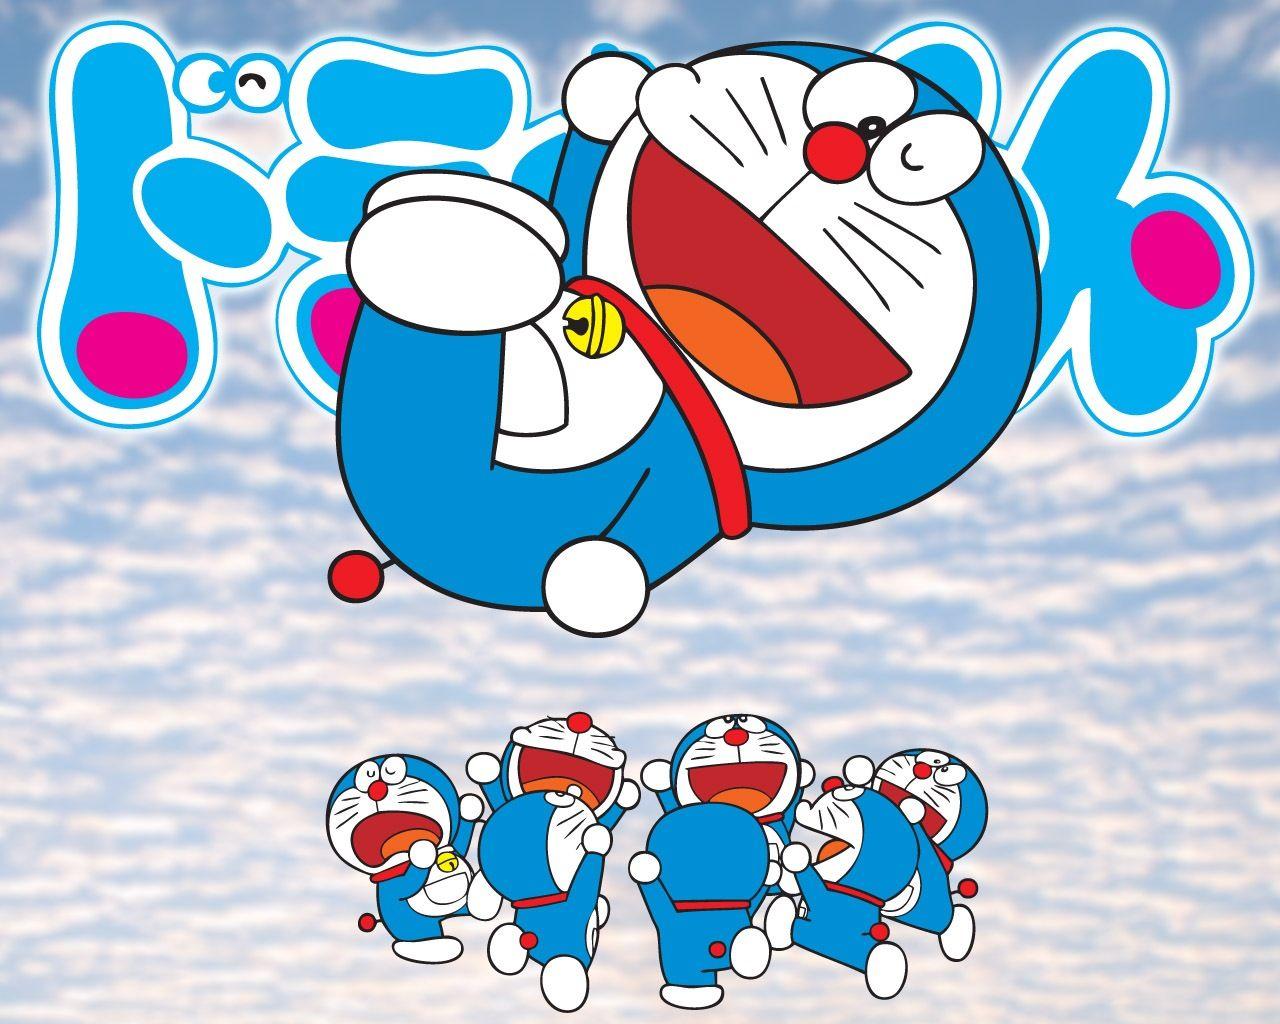 Http Global Anime Wallpaperblogspotcom 2014 01 01 Archivehtml